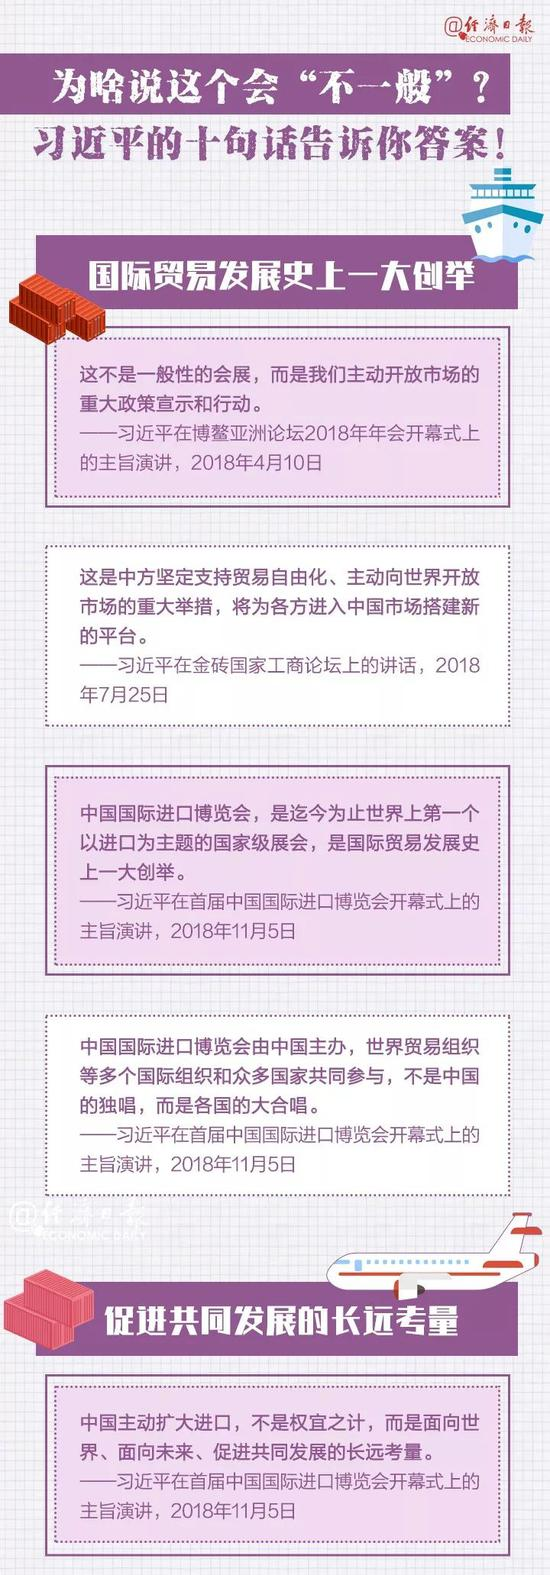 银河网投登录首页 - 健康中国行动启动 国家卫健委主任为何公开感谢李伯清?